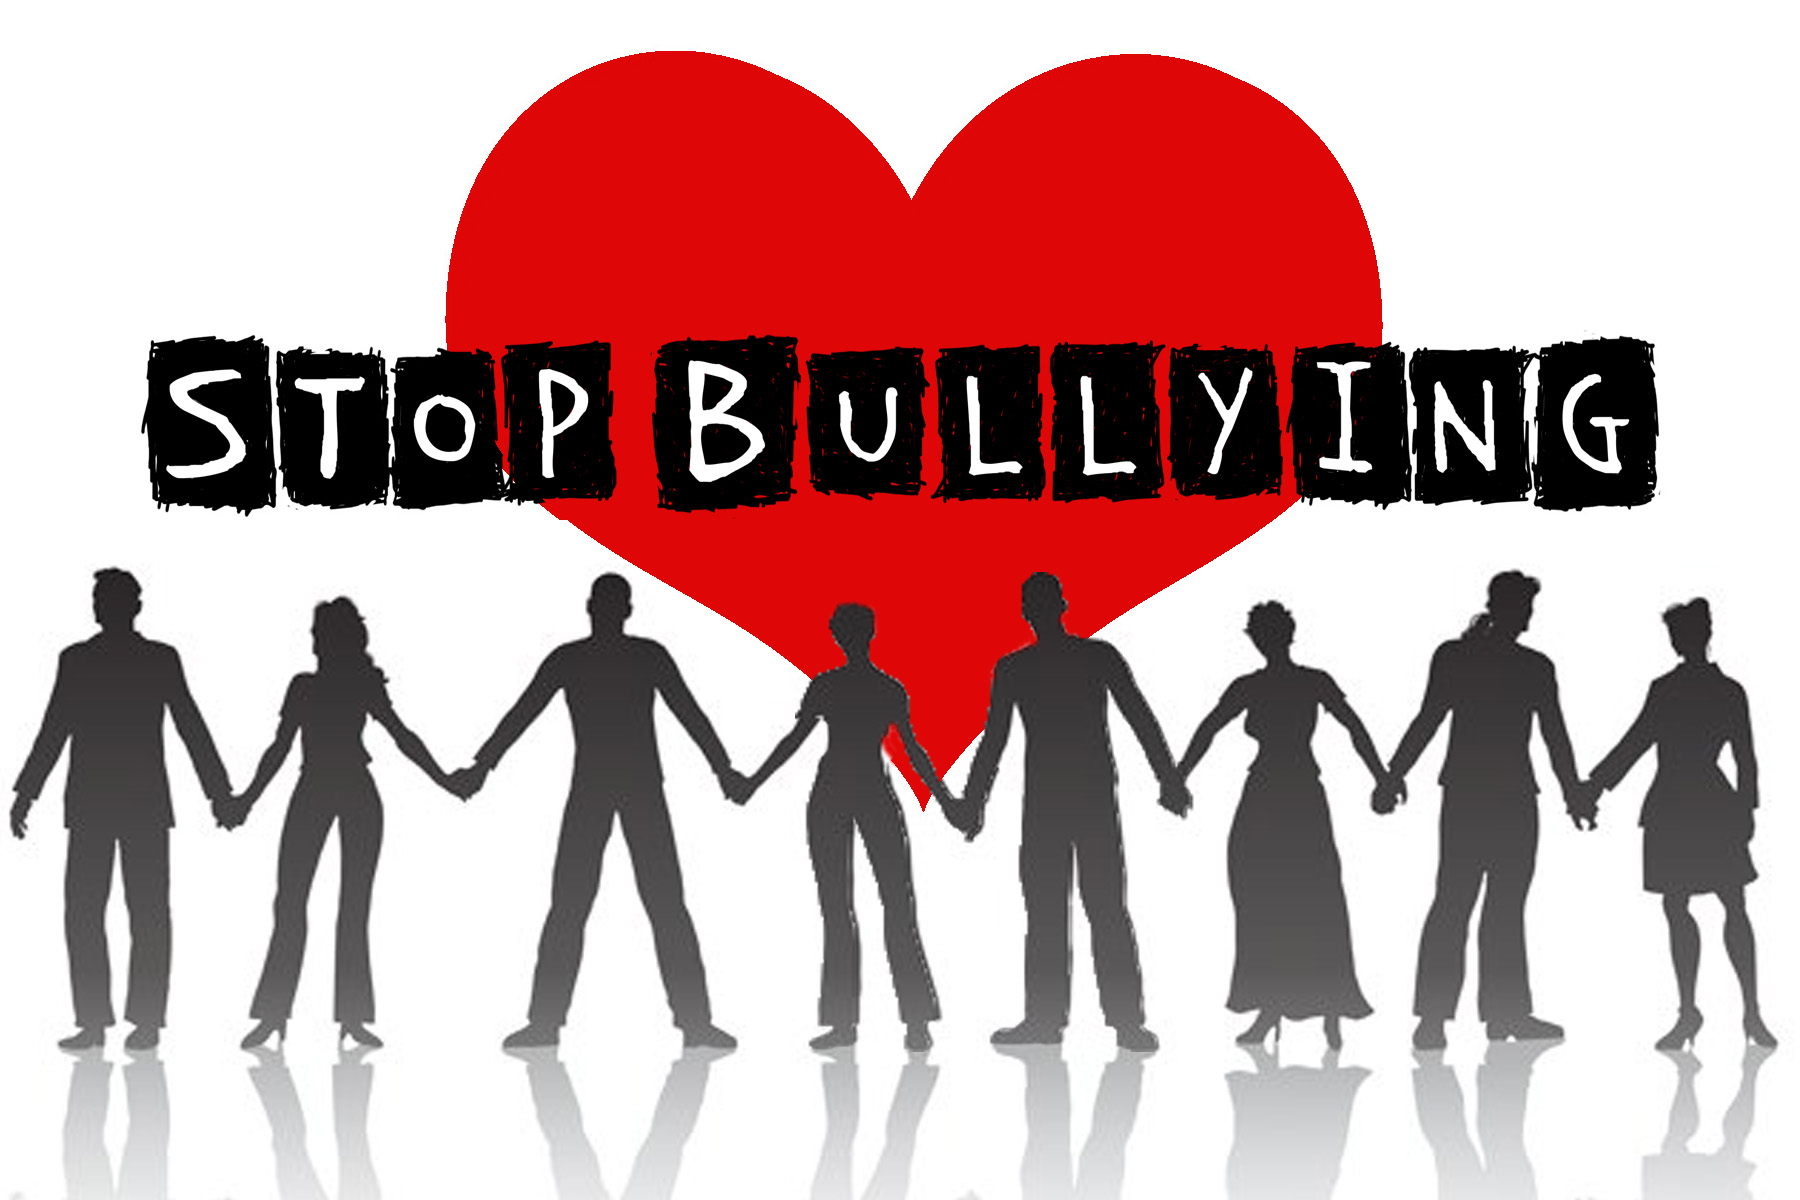 Η επίδραση του σχολικού εκφοβισμού στον ψυχισμό του θύματος και του θύτη